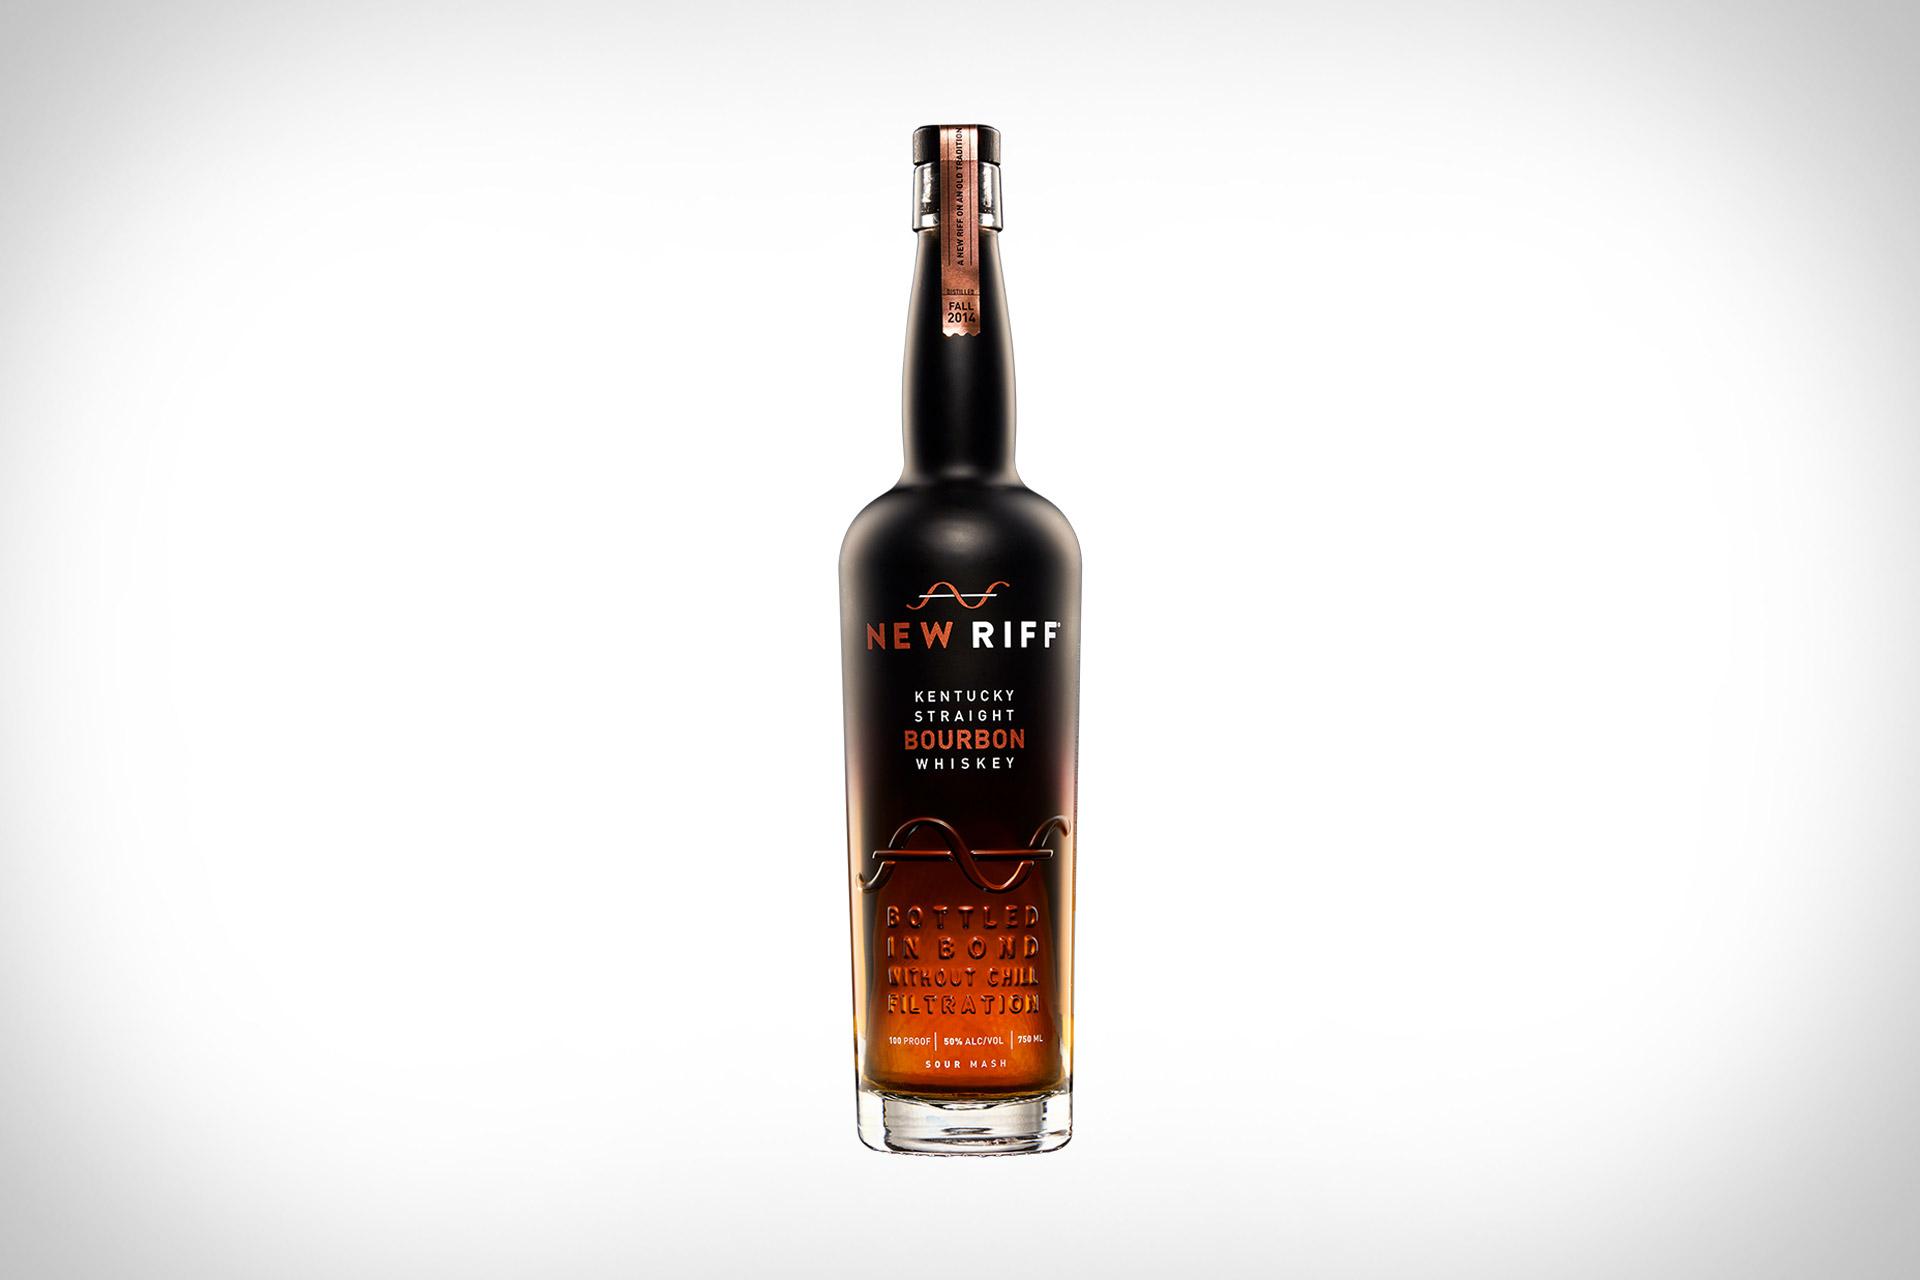 New Riff Bottled-In-Bond Bourbon